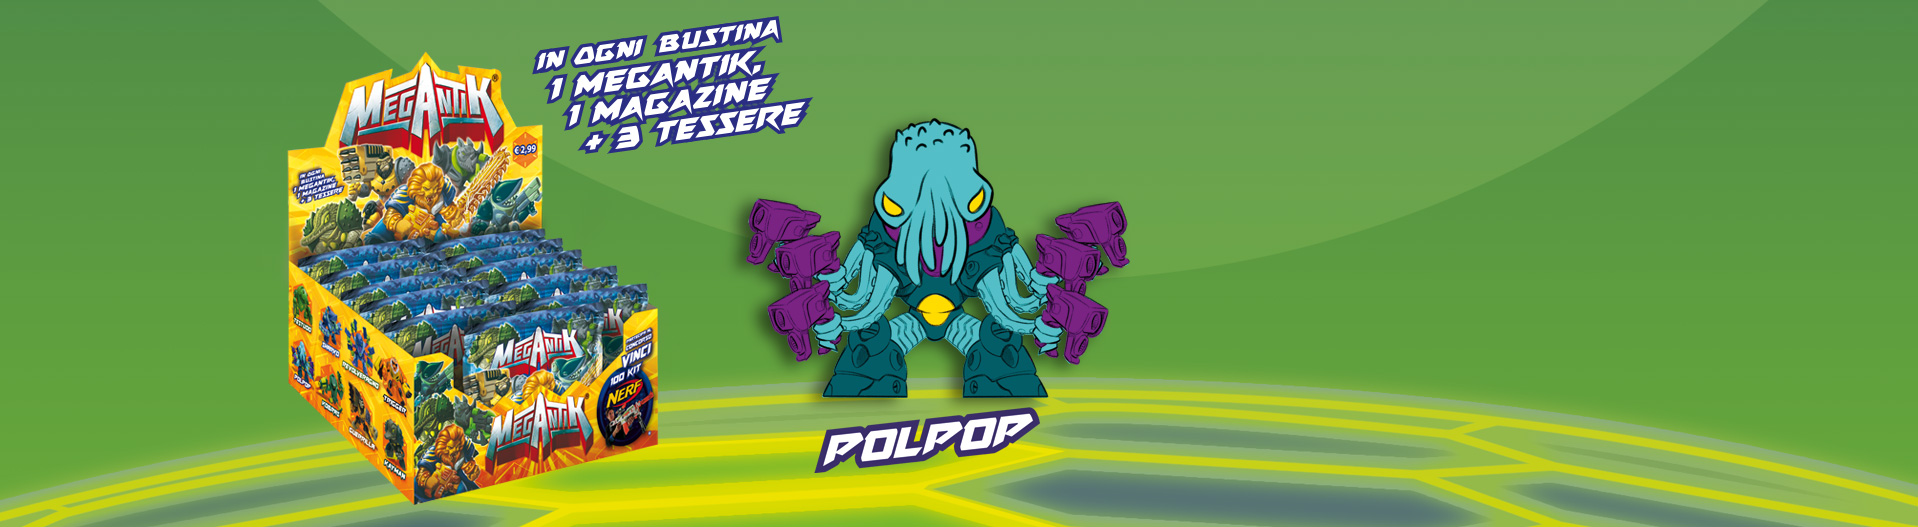 POLPOP